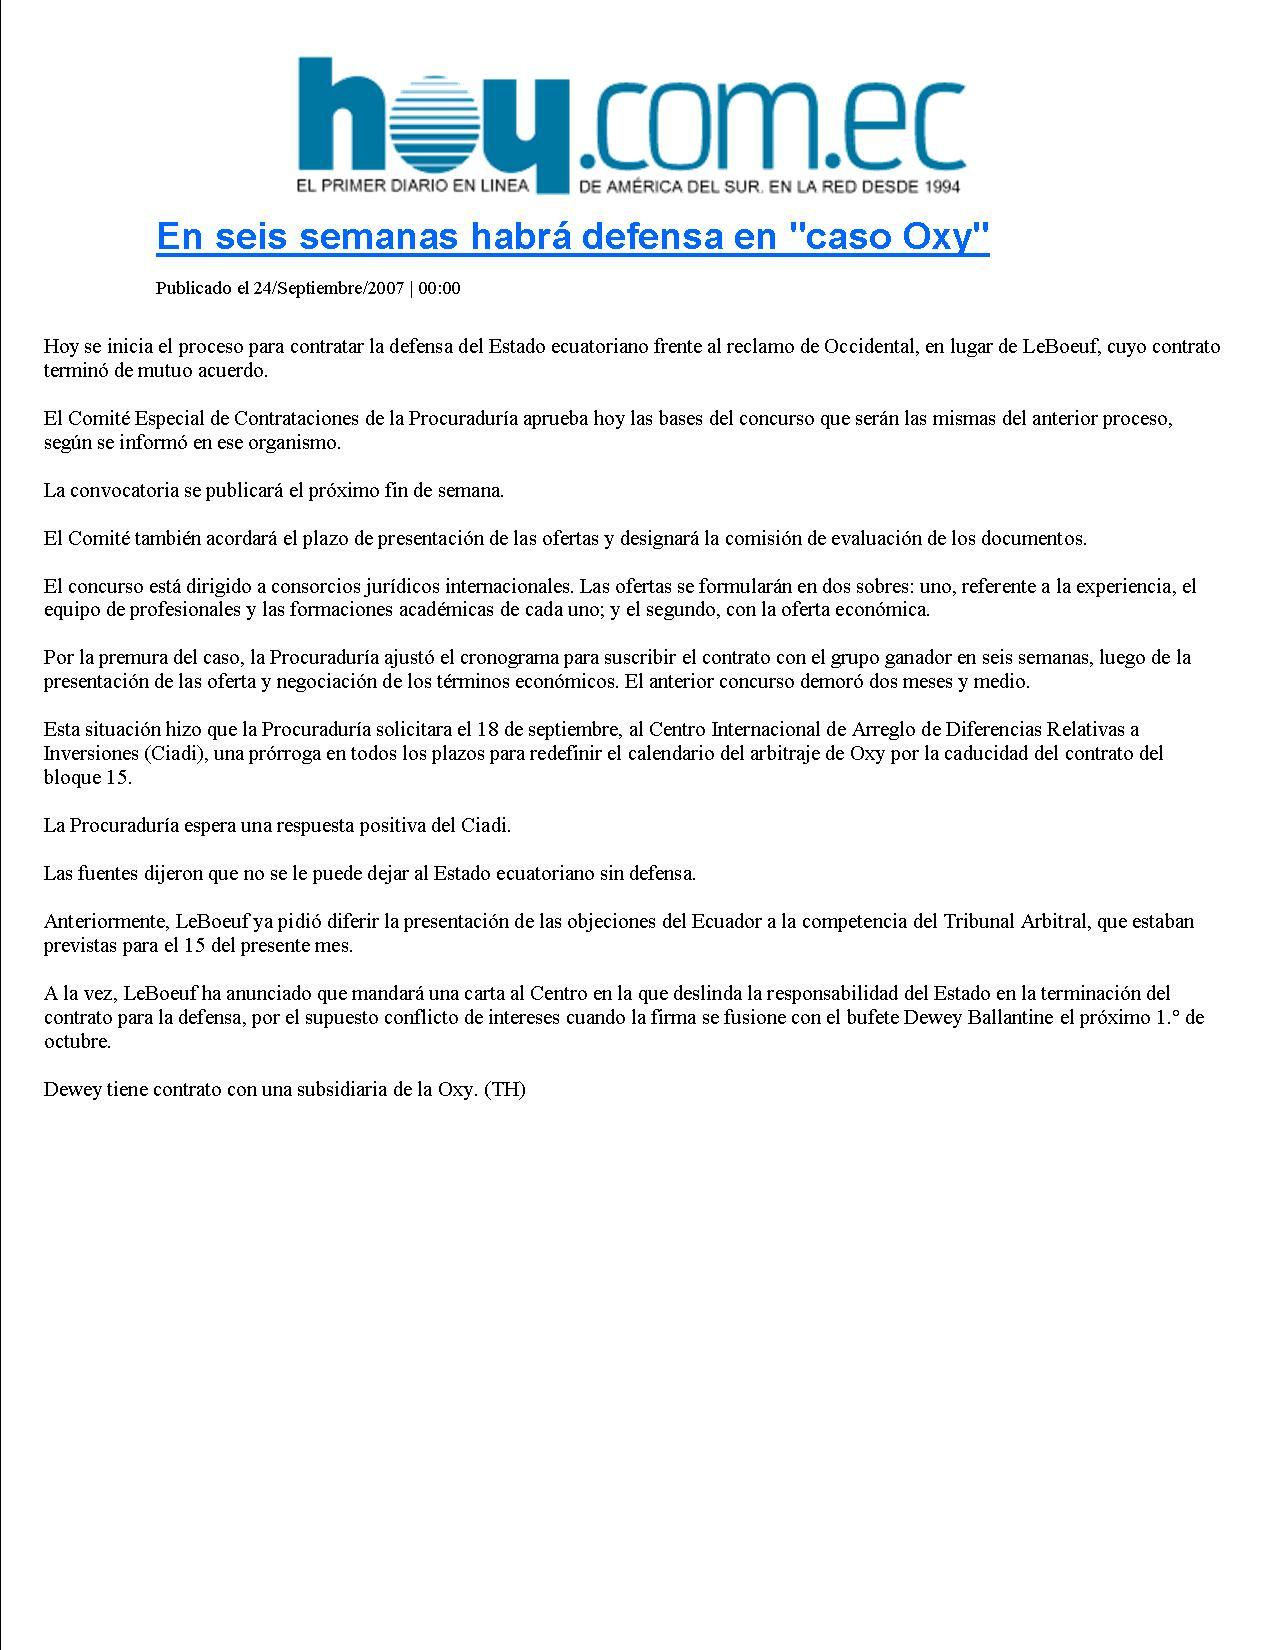 16-HOY 24-09-2007En seis semanas habra defensa en caso Oxy